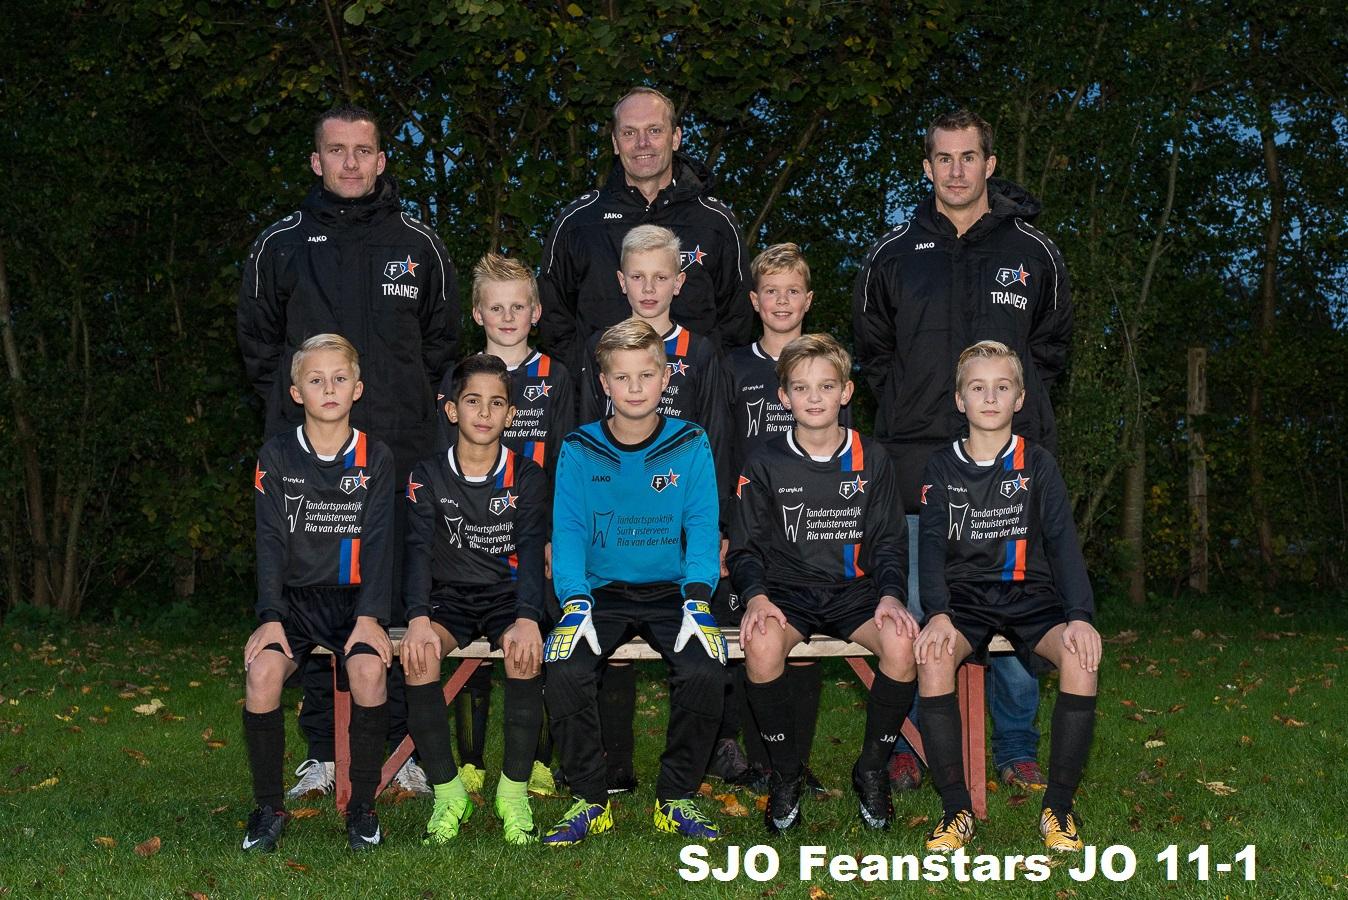 SJO Feanstars JO 11-1